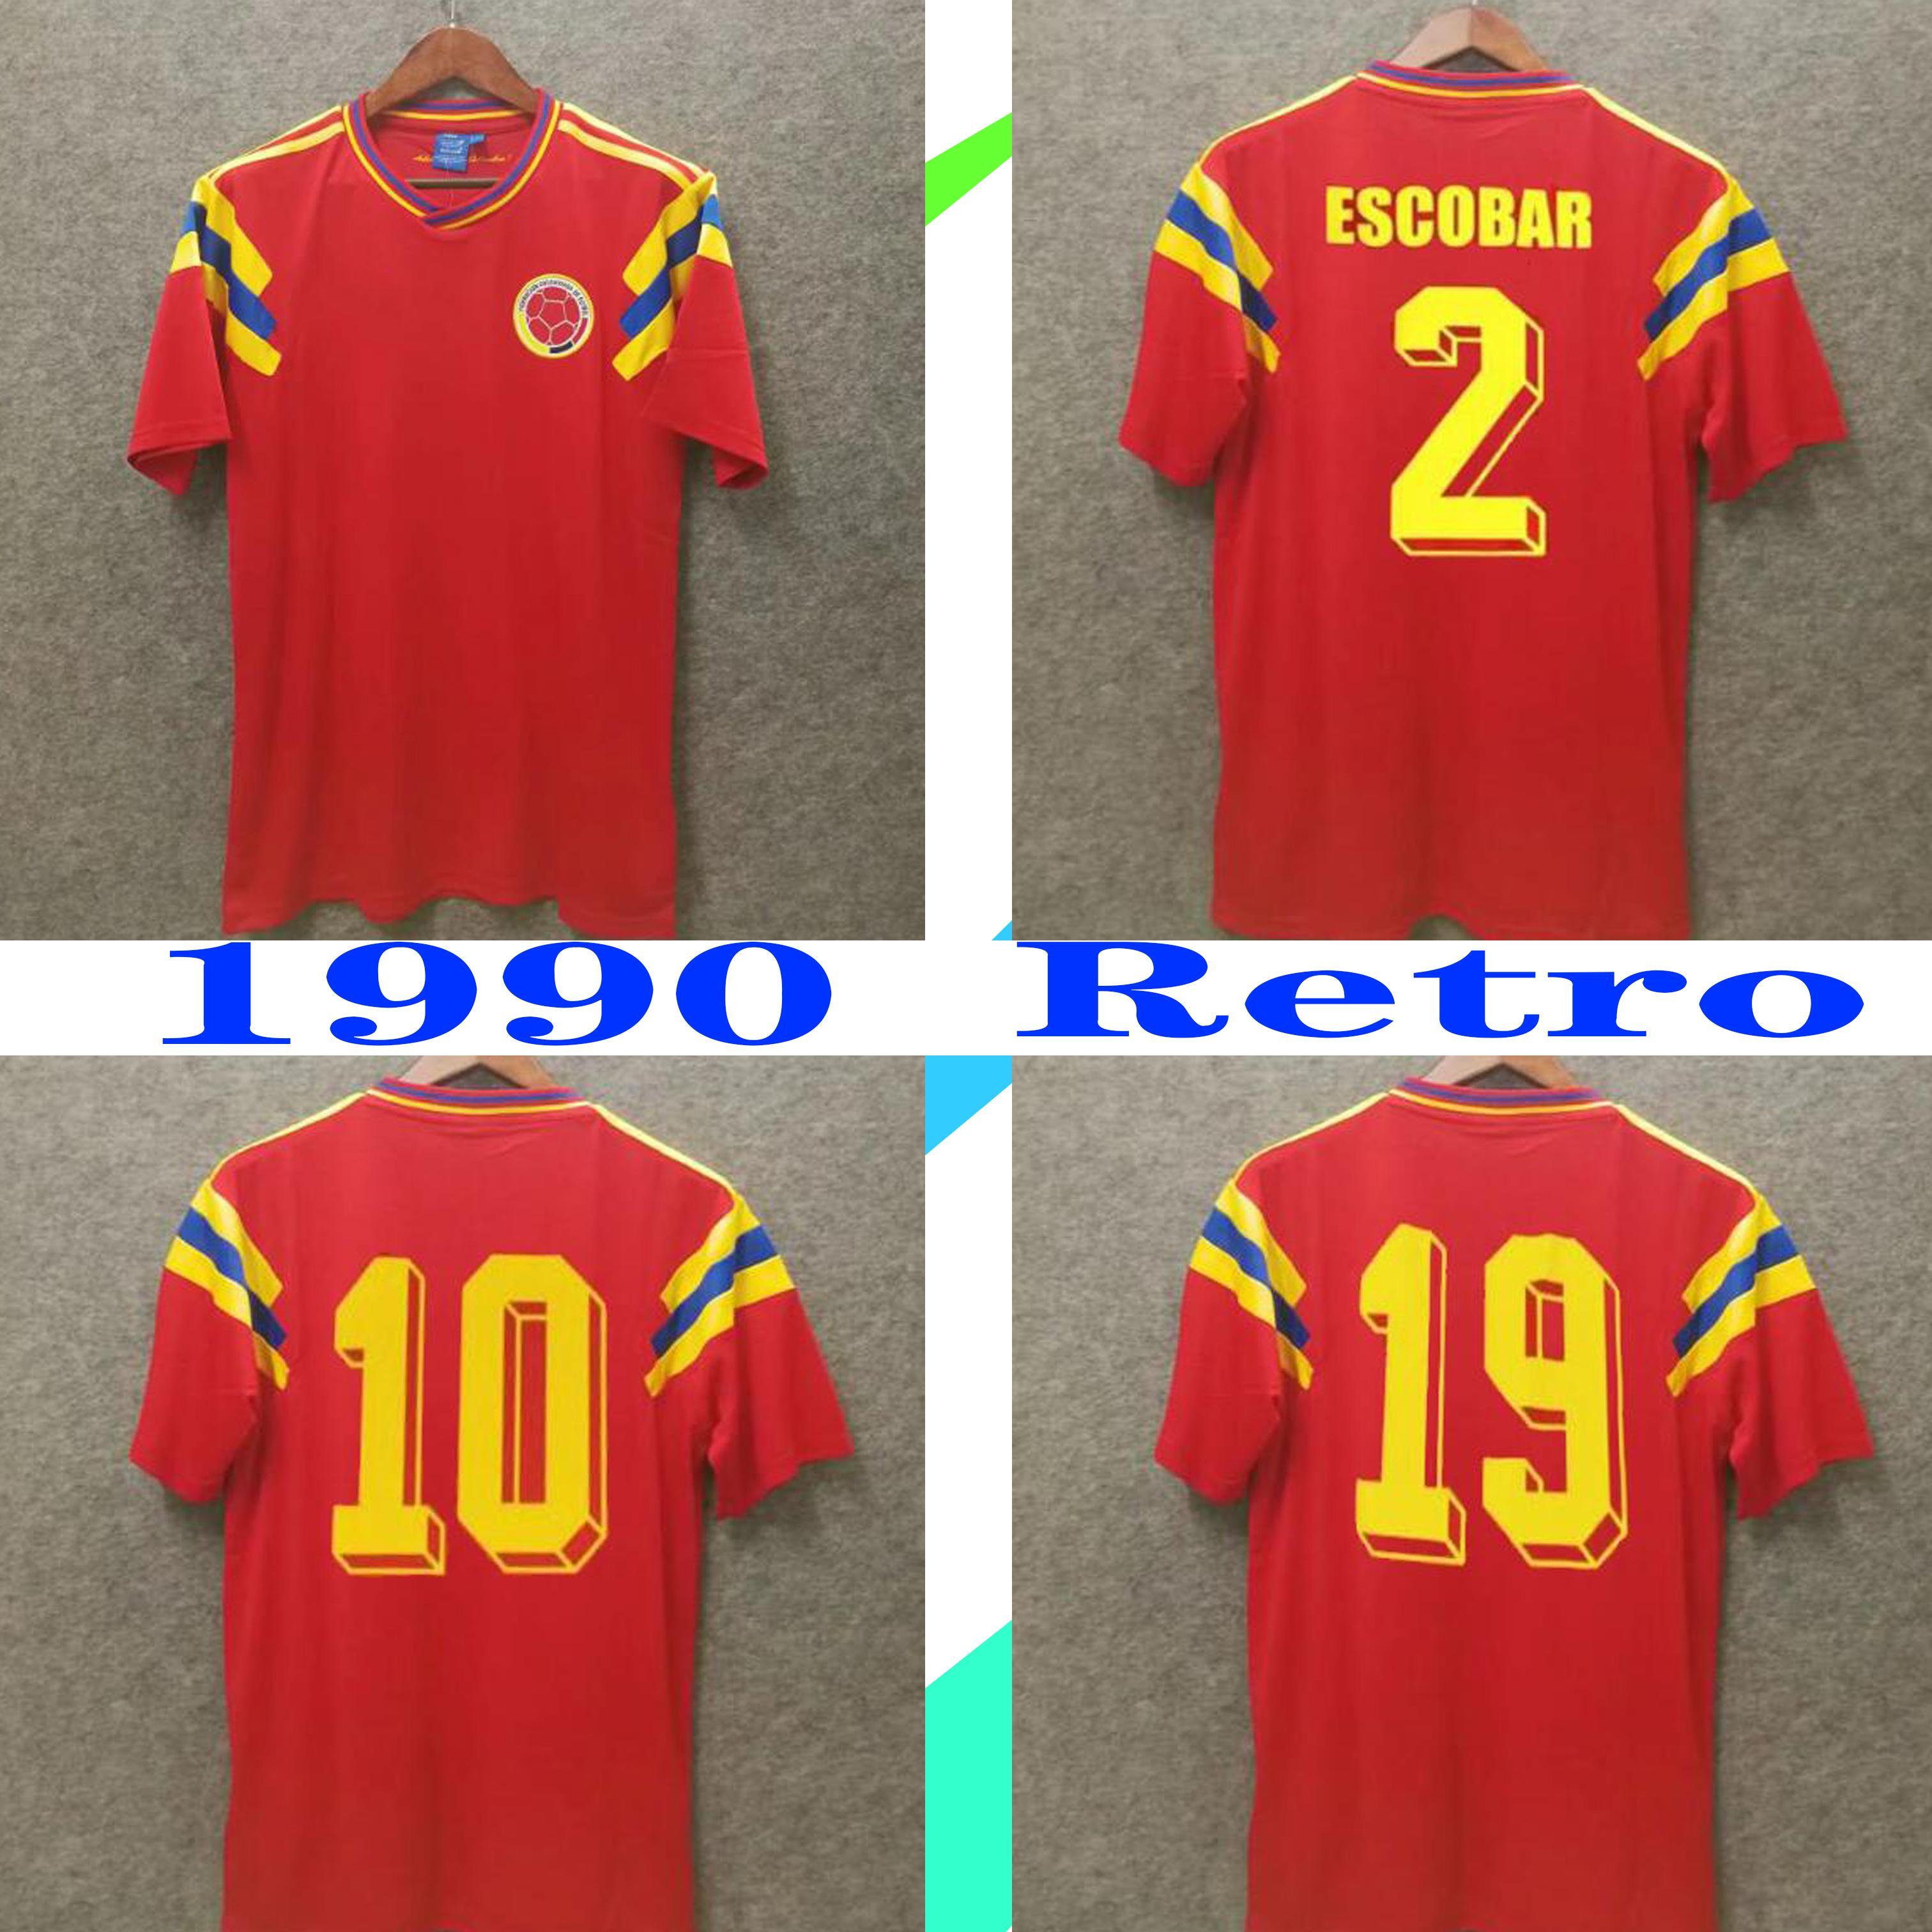 كولومبيا 1990 ريترو لكرة القدم جيرسي # 10 فالديراما # 9 غيريرو الأحمر بعيدا إحياء ذكرى الكلاسيكية جمع العتيقة خمر camisa دي futebol